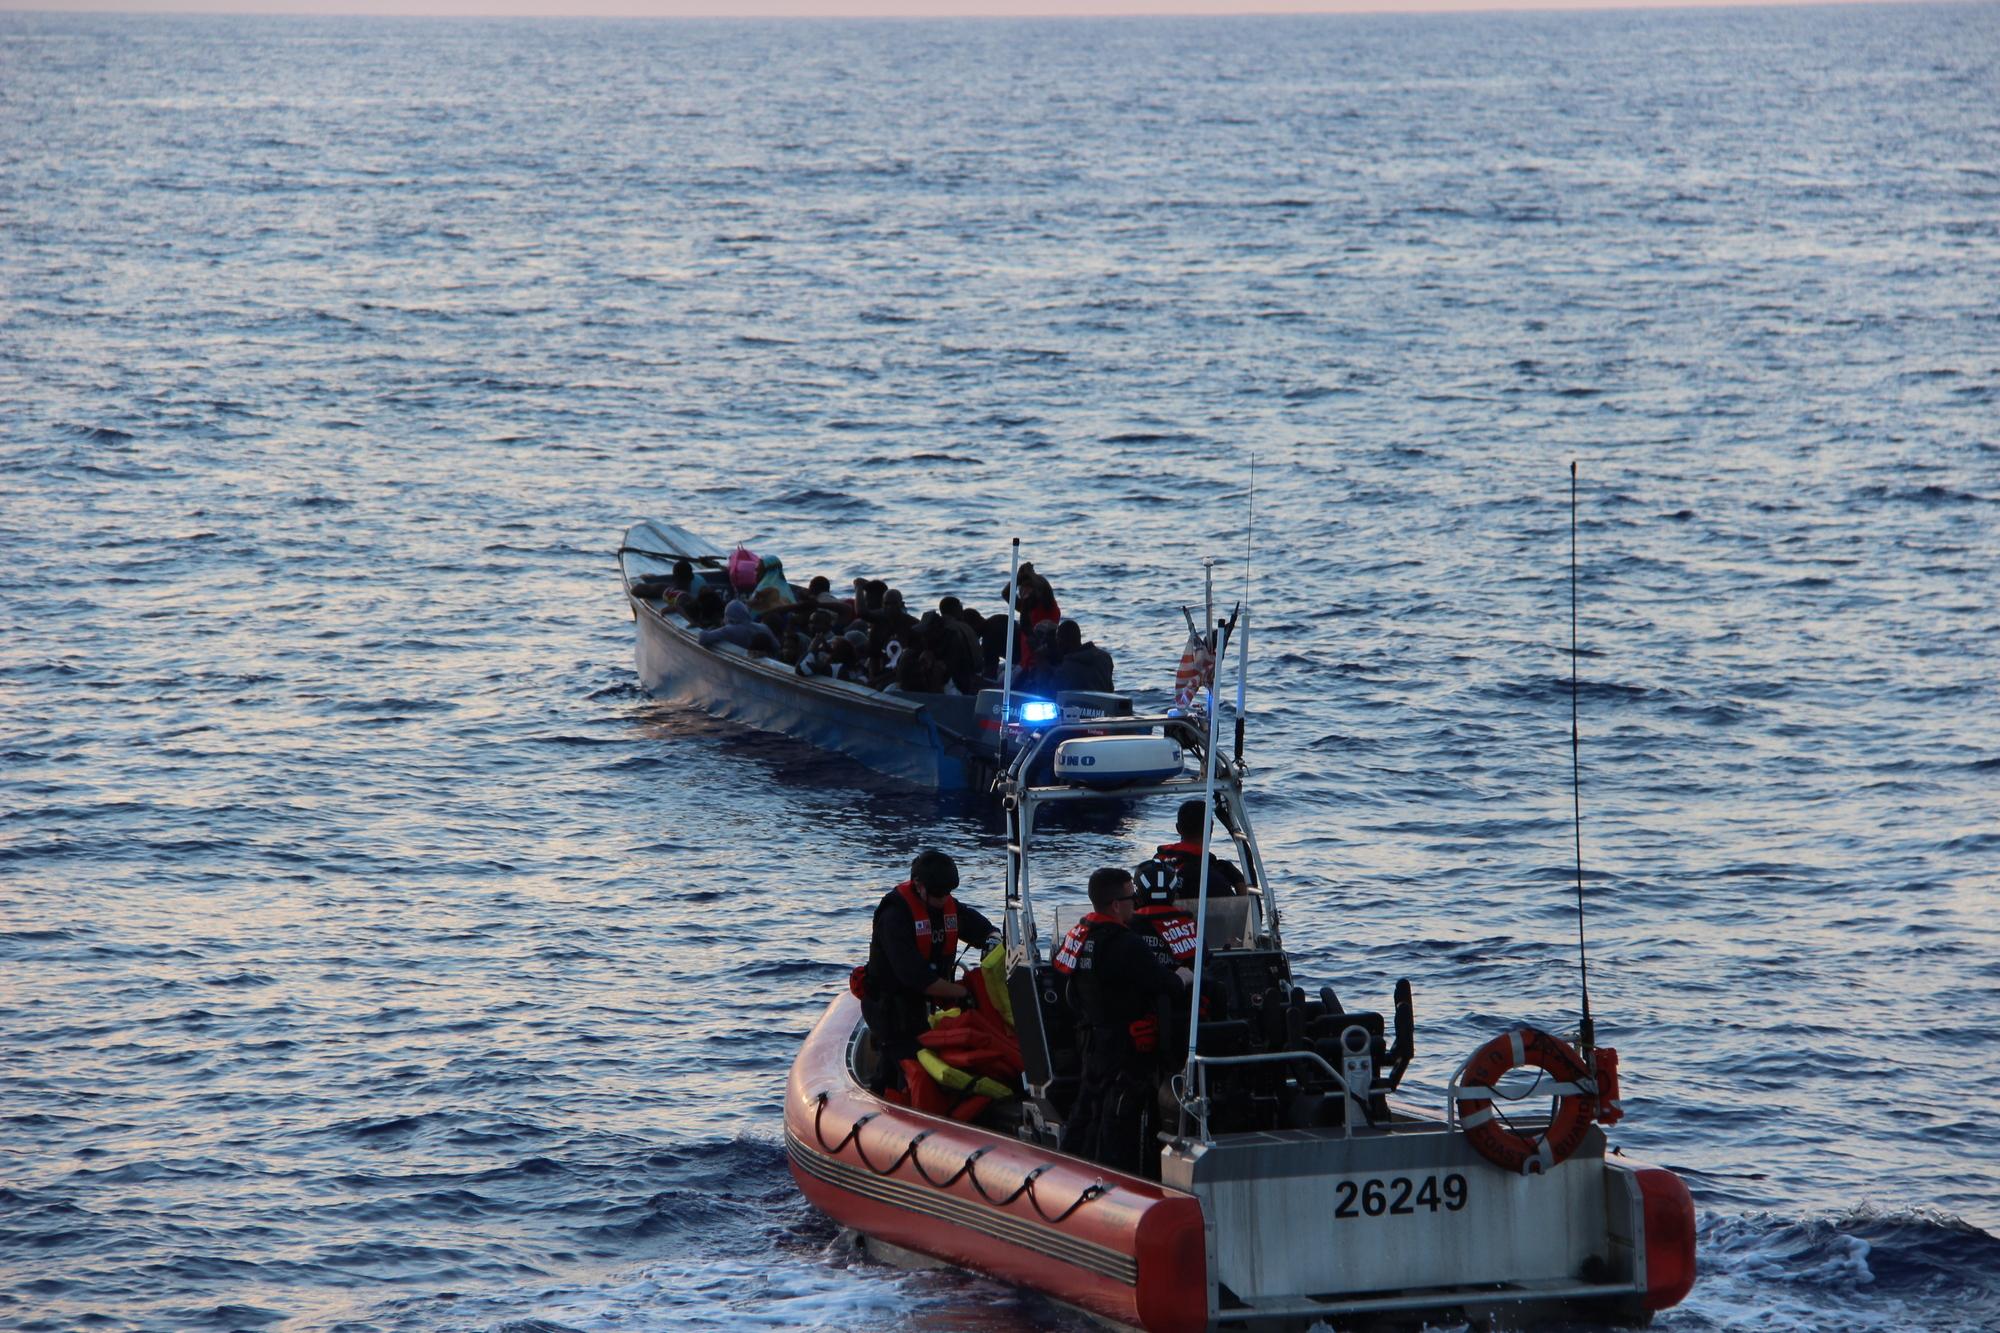 Coast Guard interdicts 50 Haitian migrants 46 miles north of Cap-Haïtien